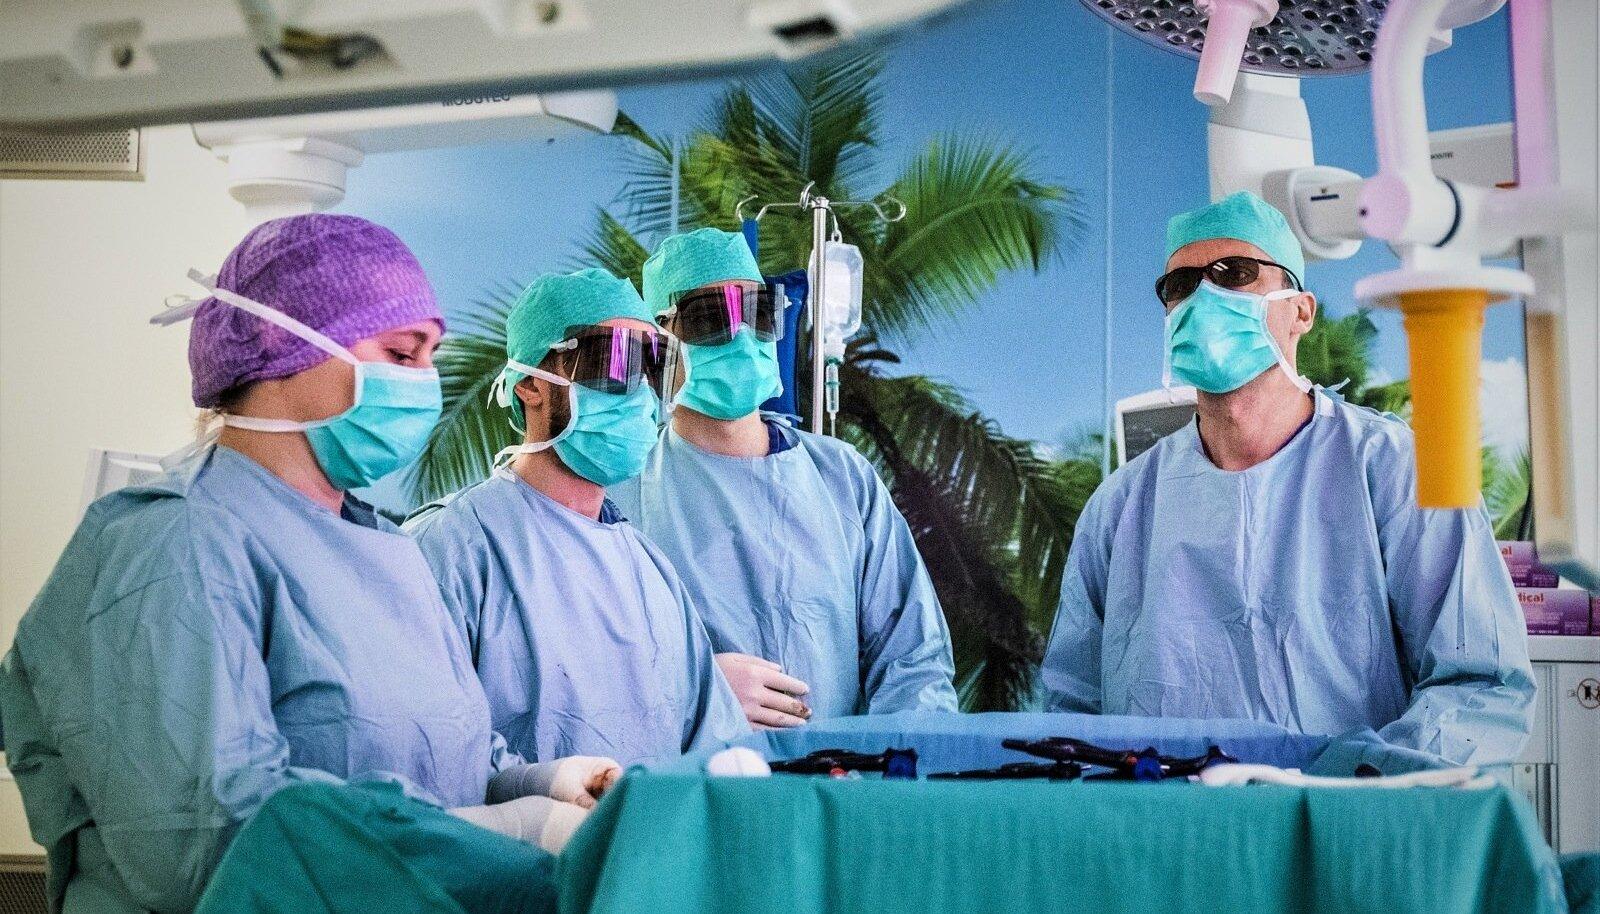 Vanaisade elupäästebrigaad: verd, terariistu ja kasvajaid täis päev uroloogia kirurgisaalis